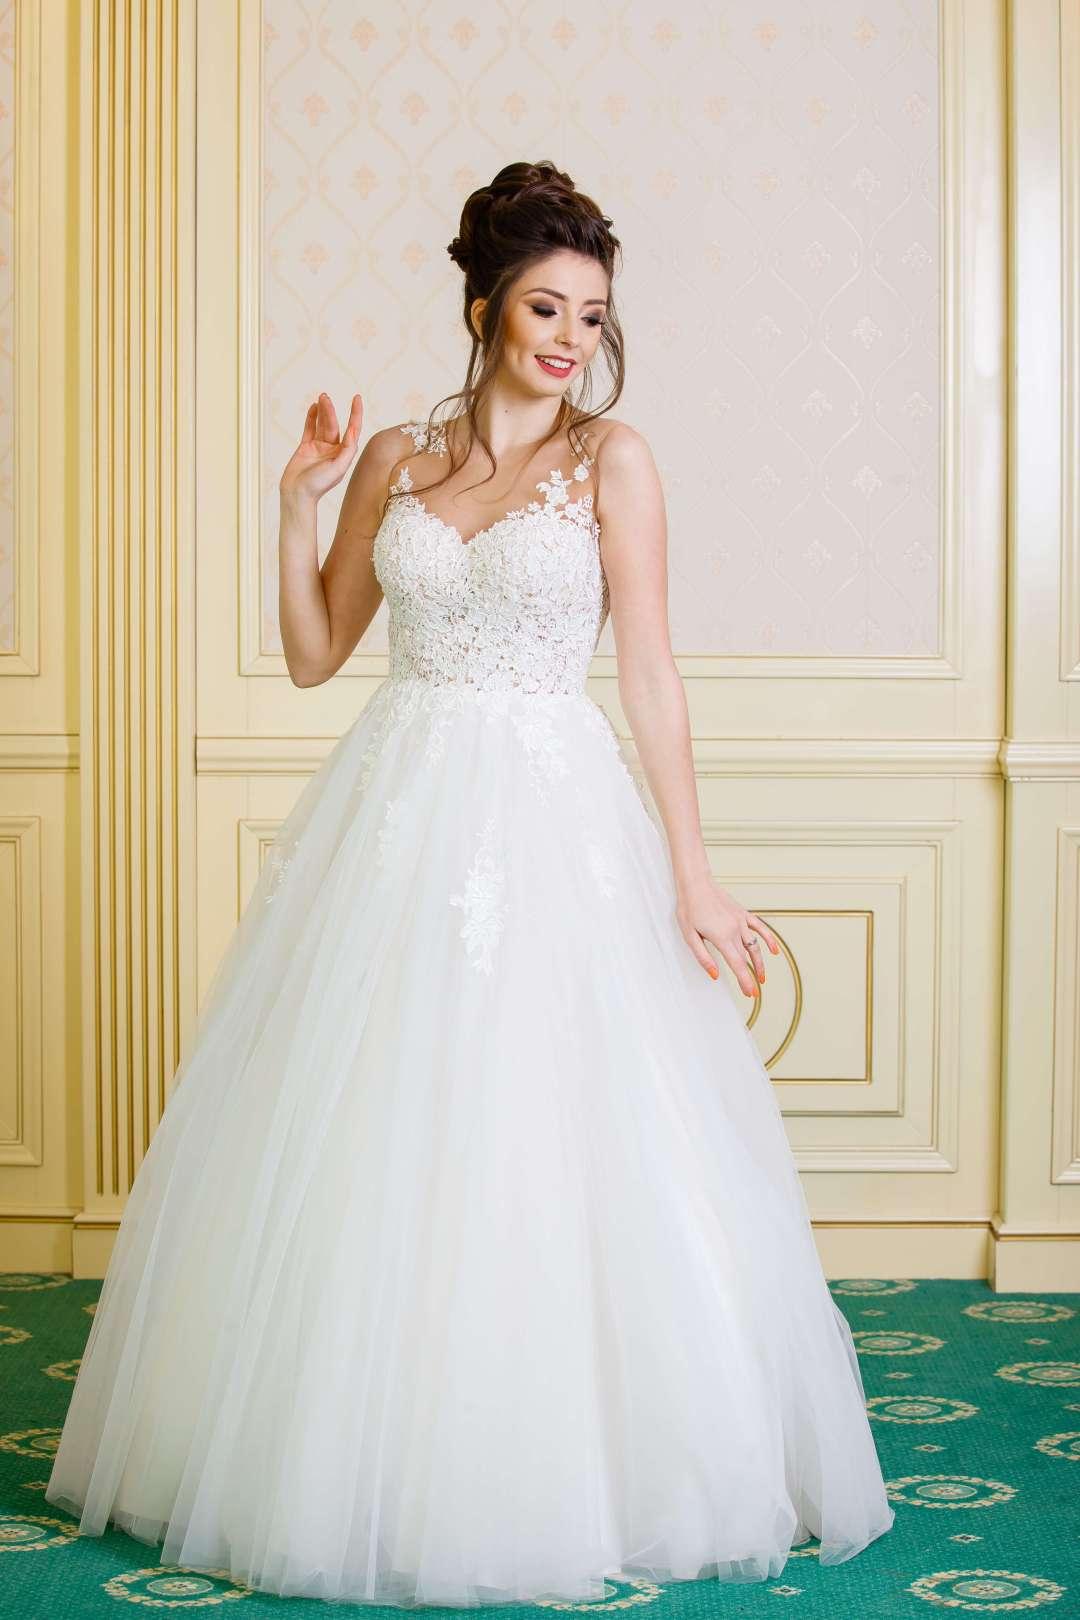 Karina - Bridal Couture 2019